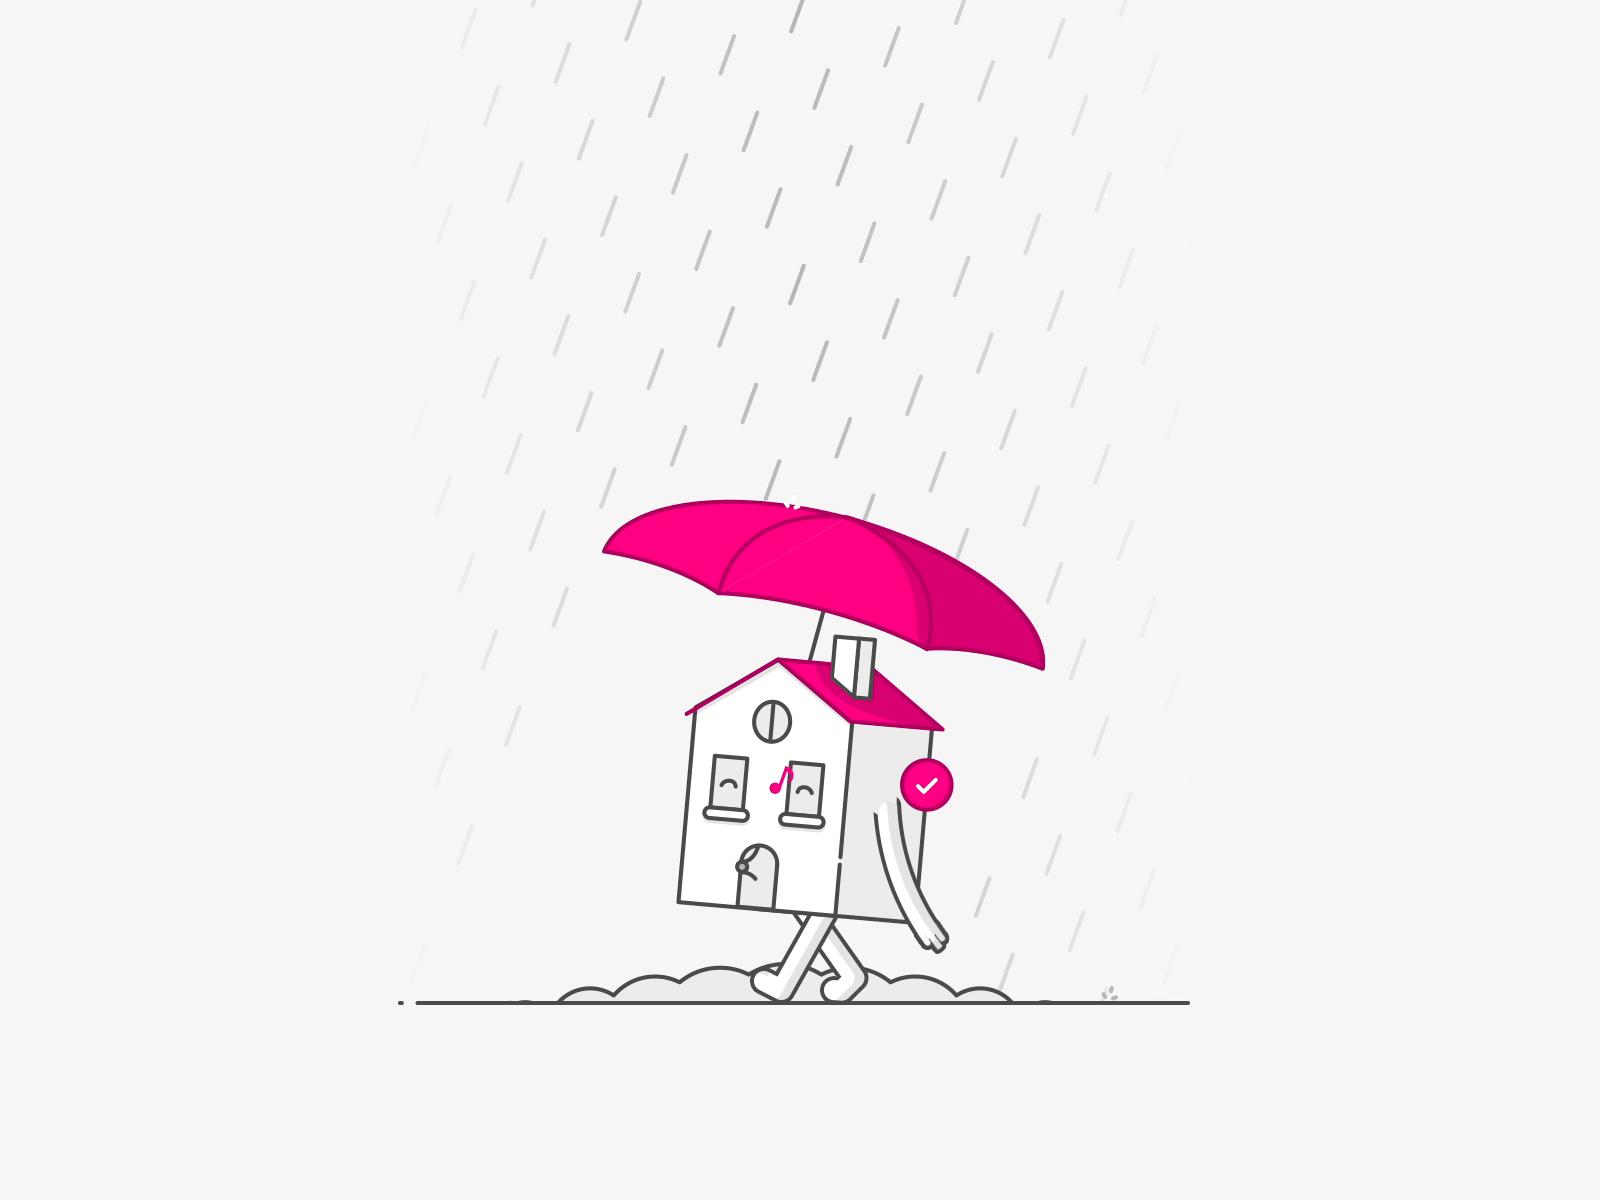 Galshir lemonade house umbrella